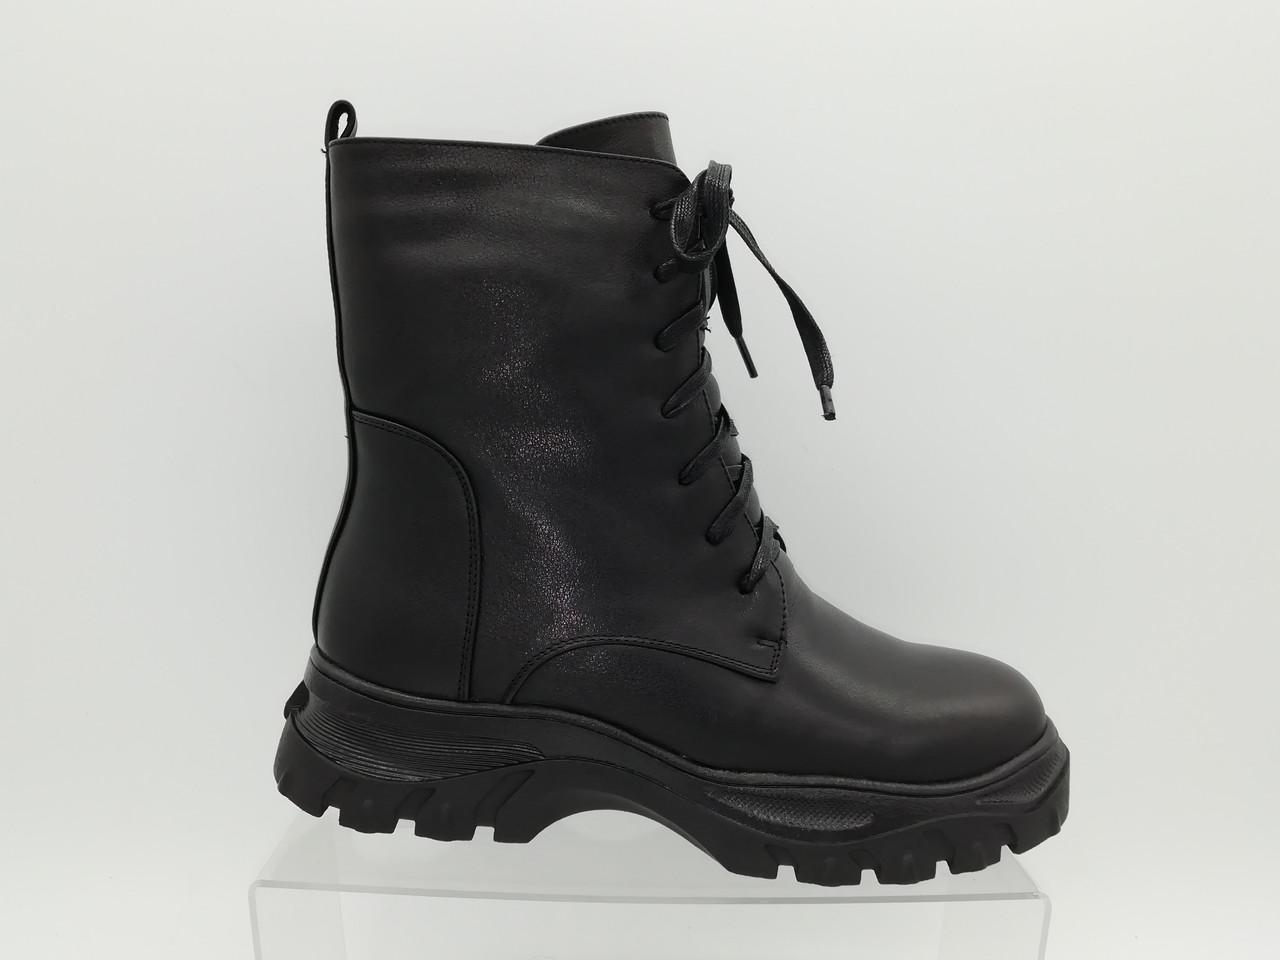 Чорні шкіряні зимові черевики.Напівчоботи.Erisses. Маленькі розміри ( 33 - 35).